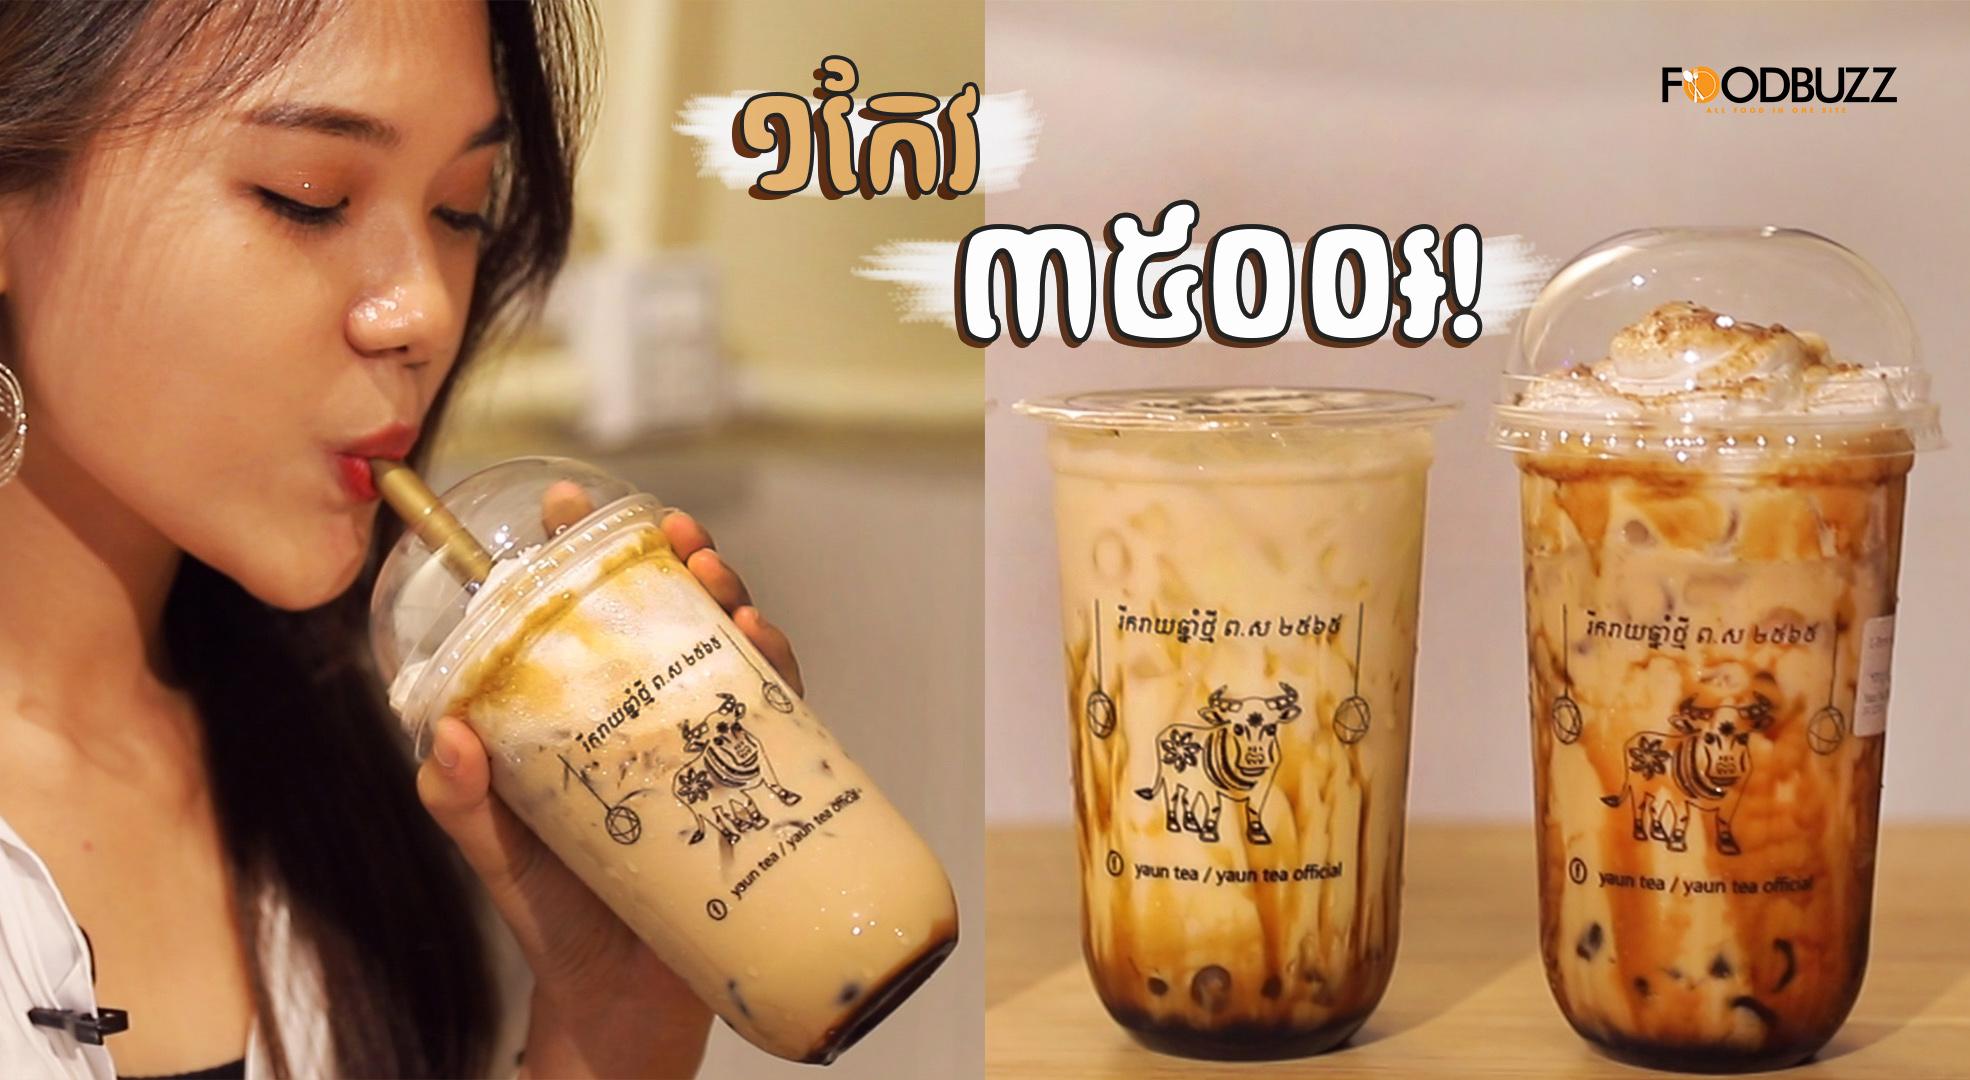 បើចង់ញ៉ាំ Milk Tea មានត្រឹមតែ៣៥០០រៀល ក៏អាចញ៉ាំបាន១កែវដែរ នៅហាងតែគុជ Yaun Tea